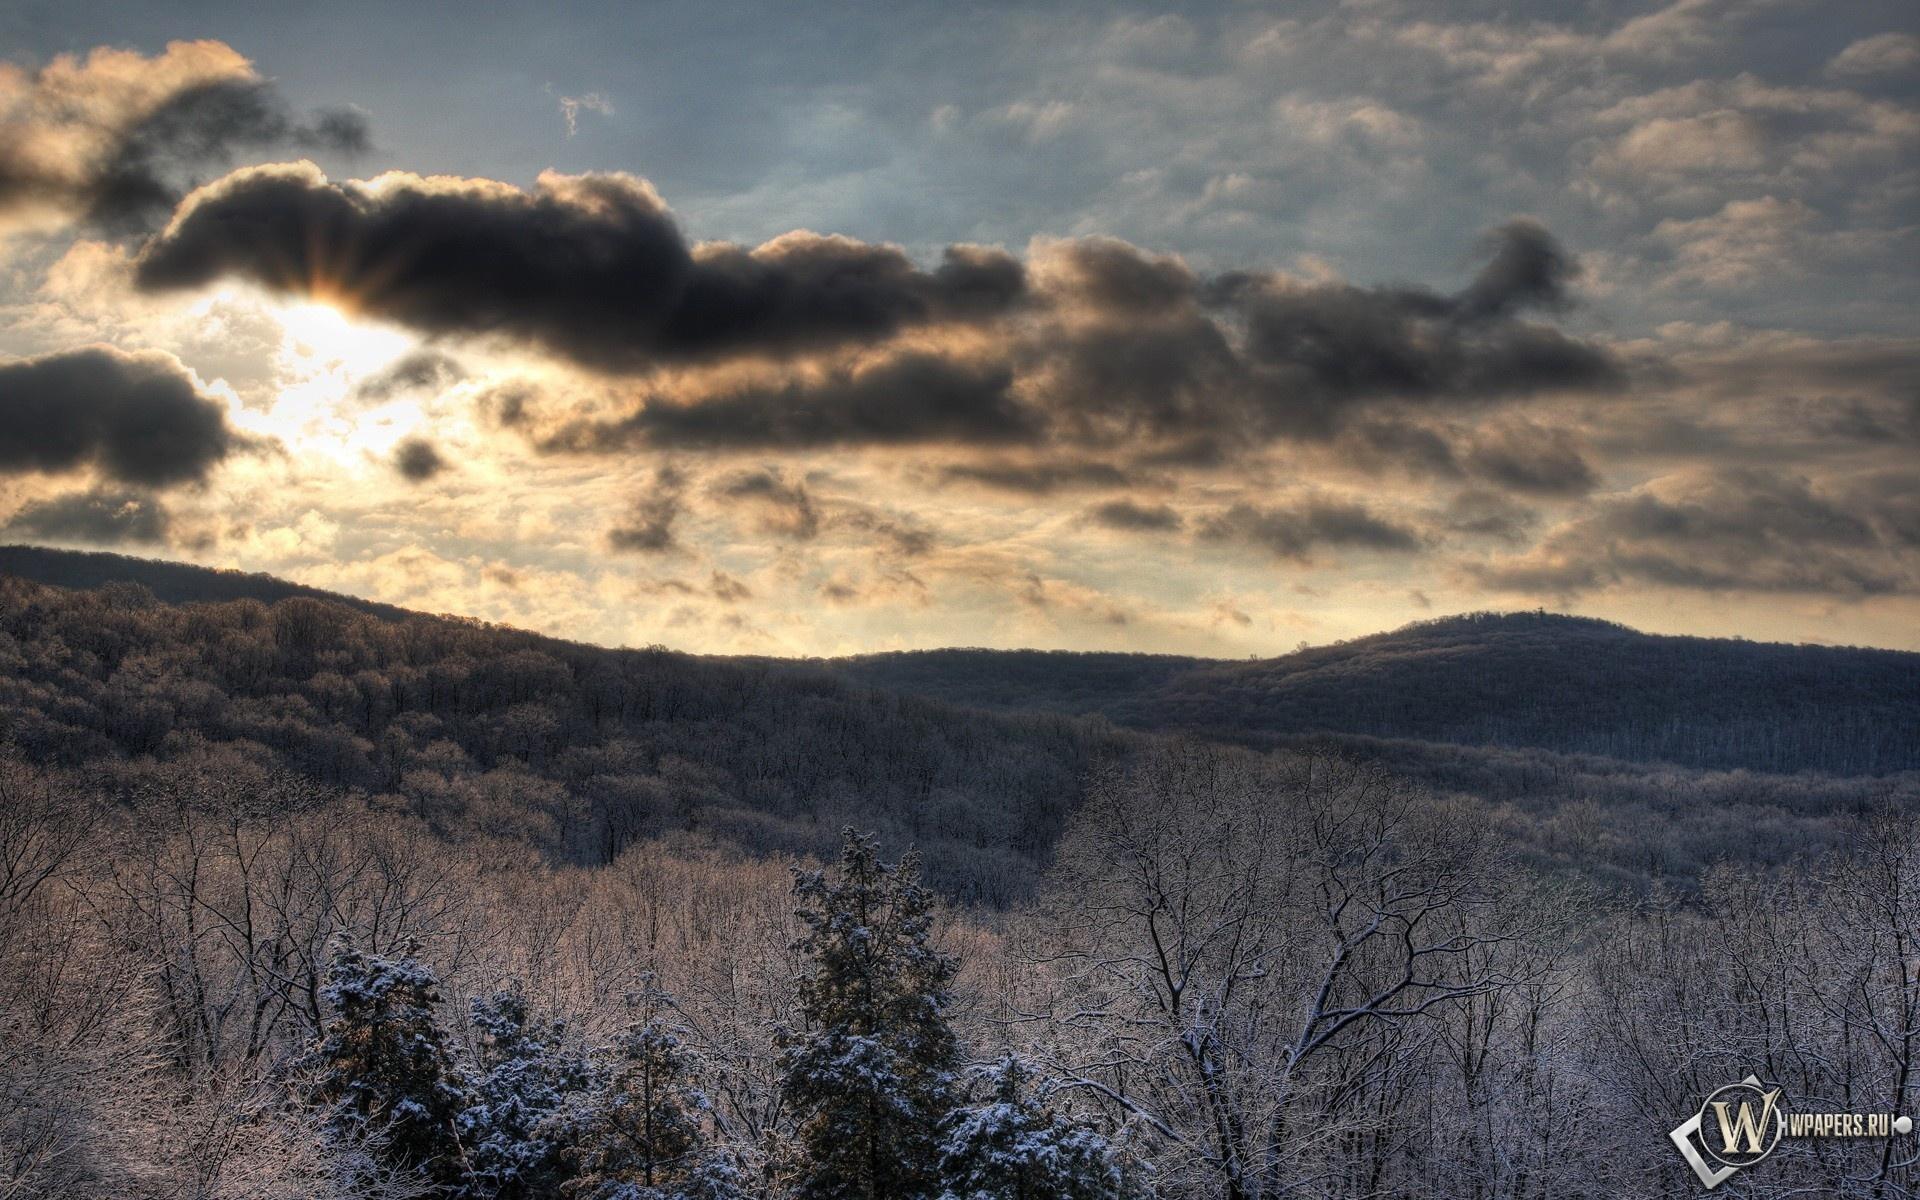 Зима в горах 1920x1200